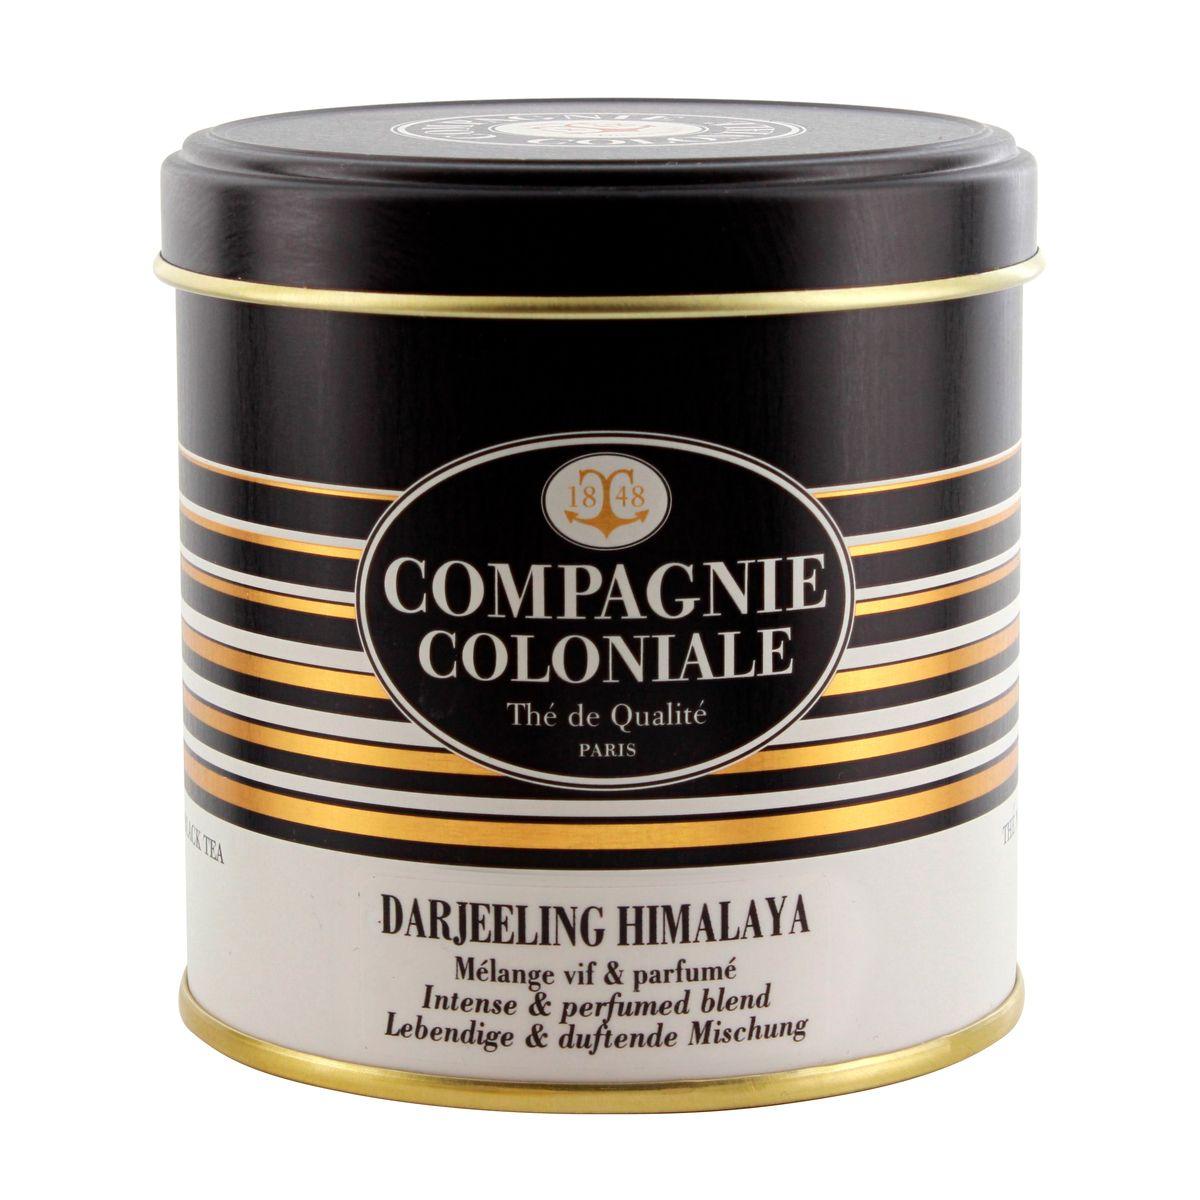 Thé noir nature boîte métal Darjeeling Himalaya 100gr - Compagnie Coloniale